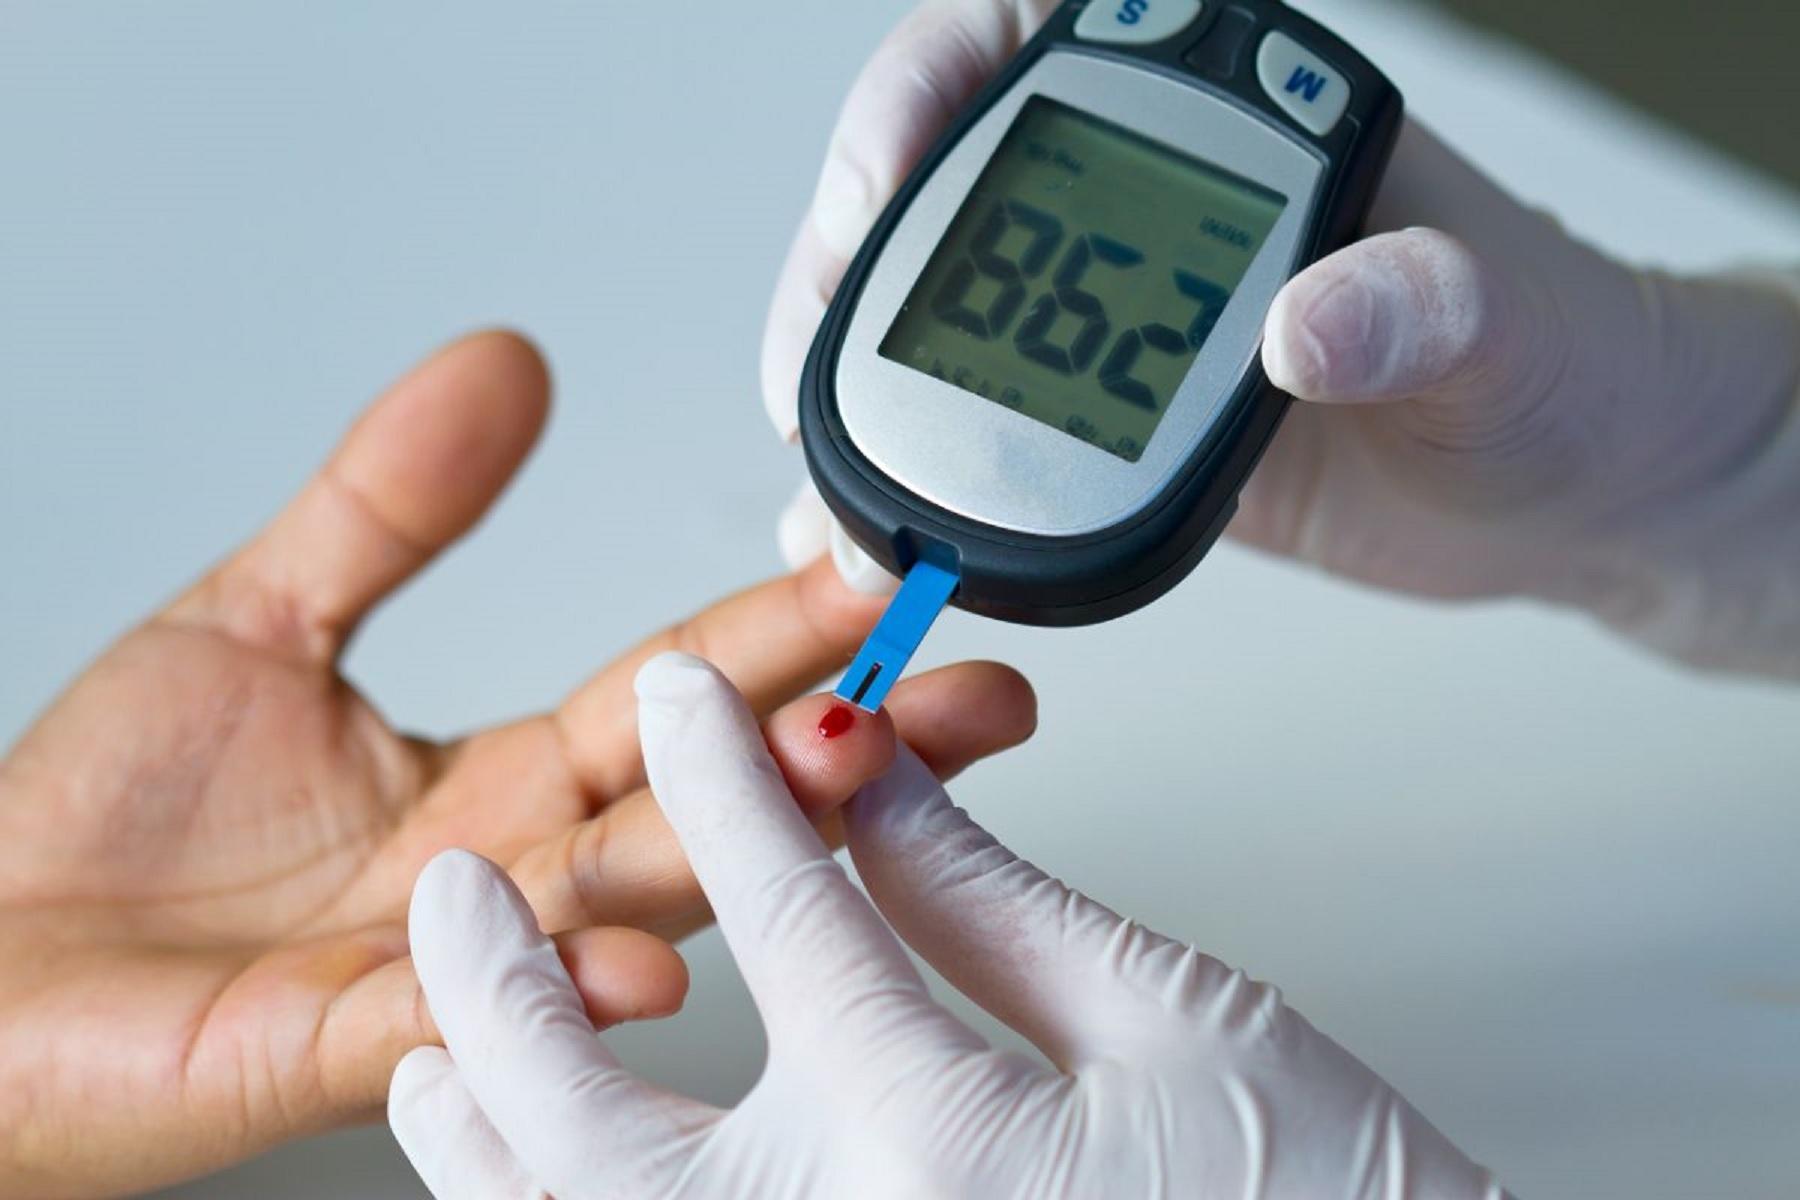 Διαβήτης αίμα έλεγχος: Πώς αυξάνεται η υγεία του εγκεφάλου